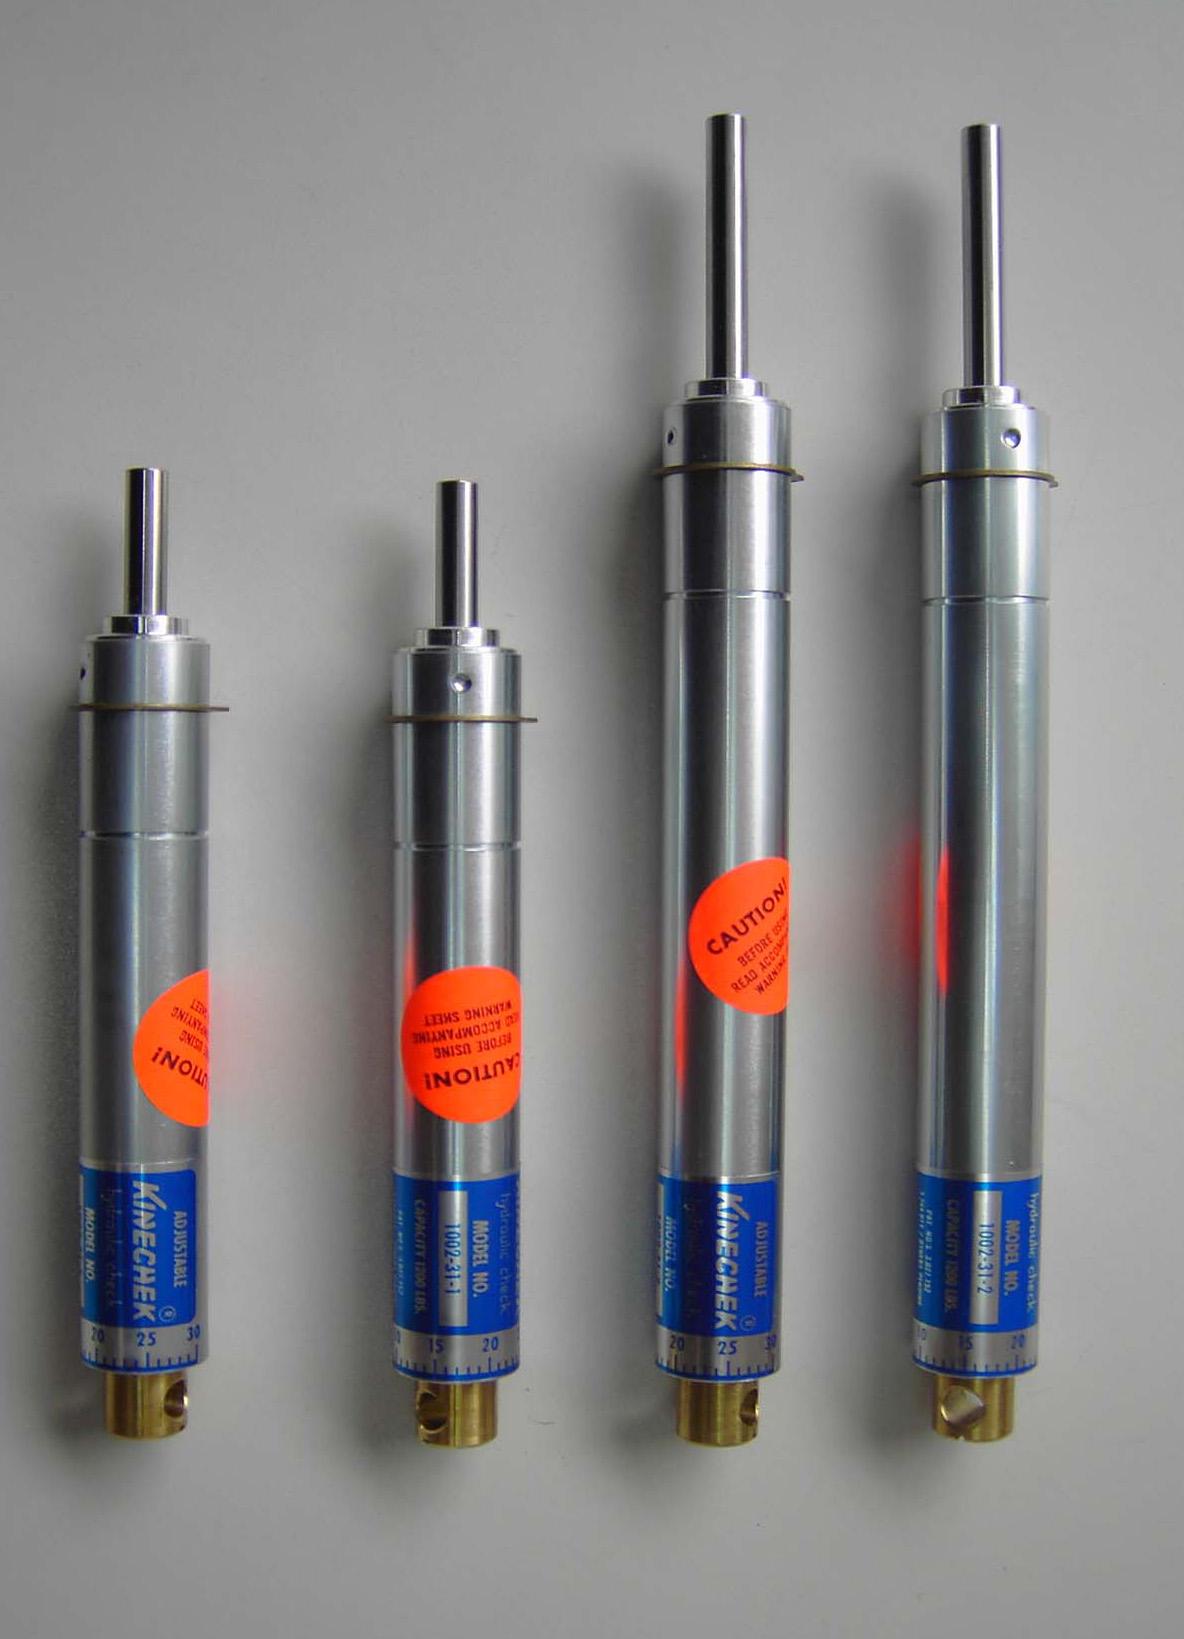 1002-31-1/2,1002-31-1,1002-31-2,1002-31-3美国白马精密稳速器